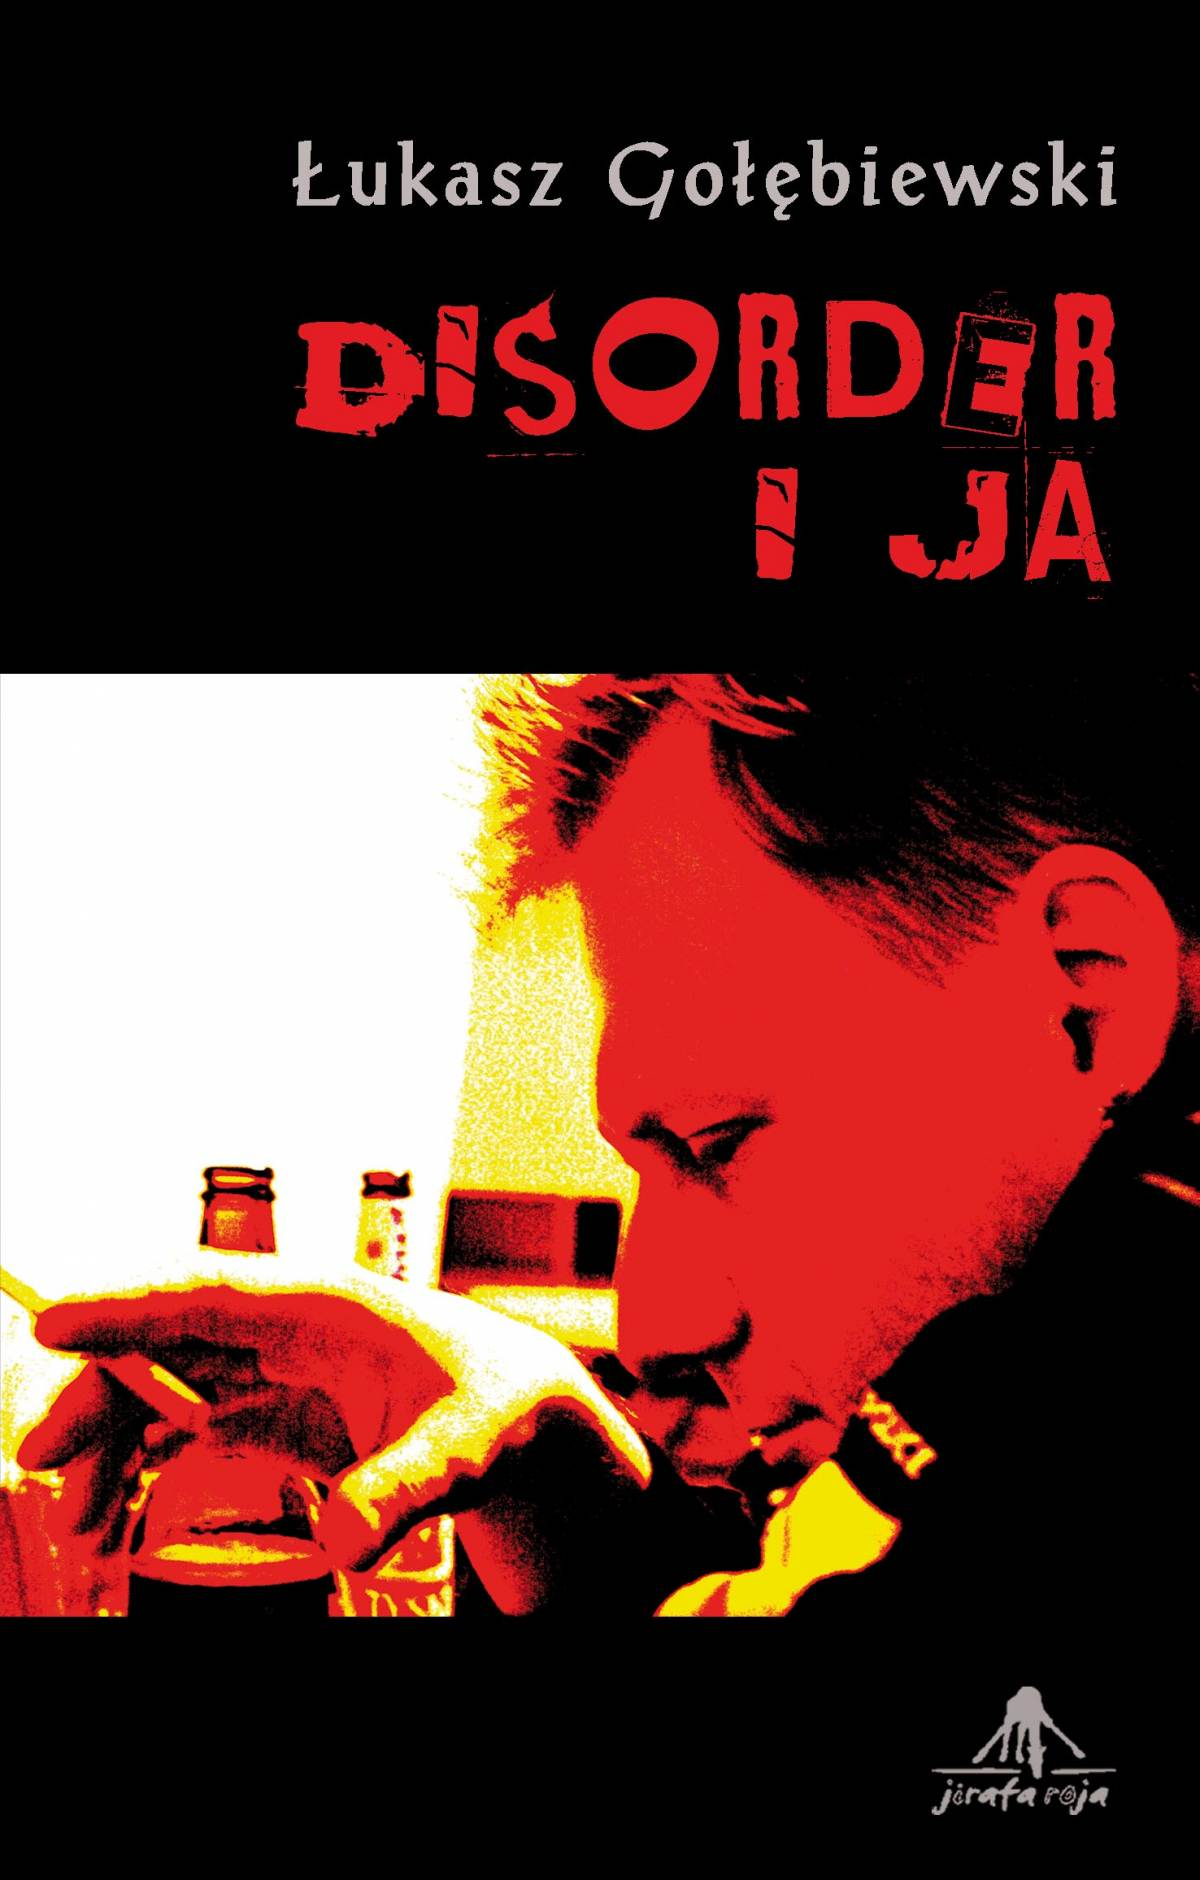 Disorder i ja - Ebook (Książka EPUB) do pobrania w formacie EPUB